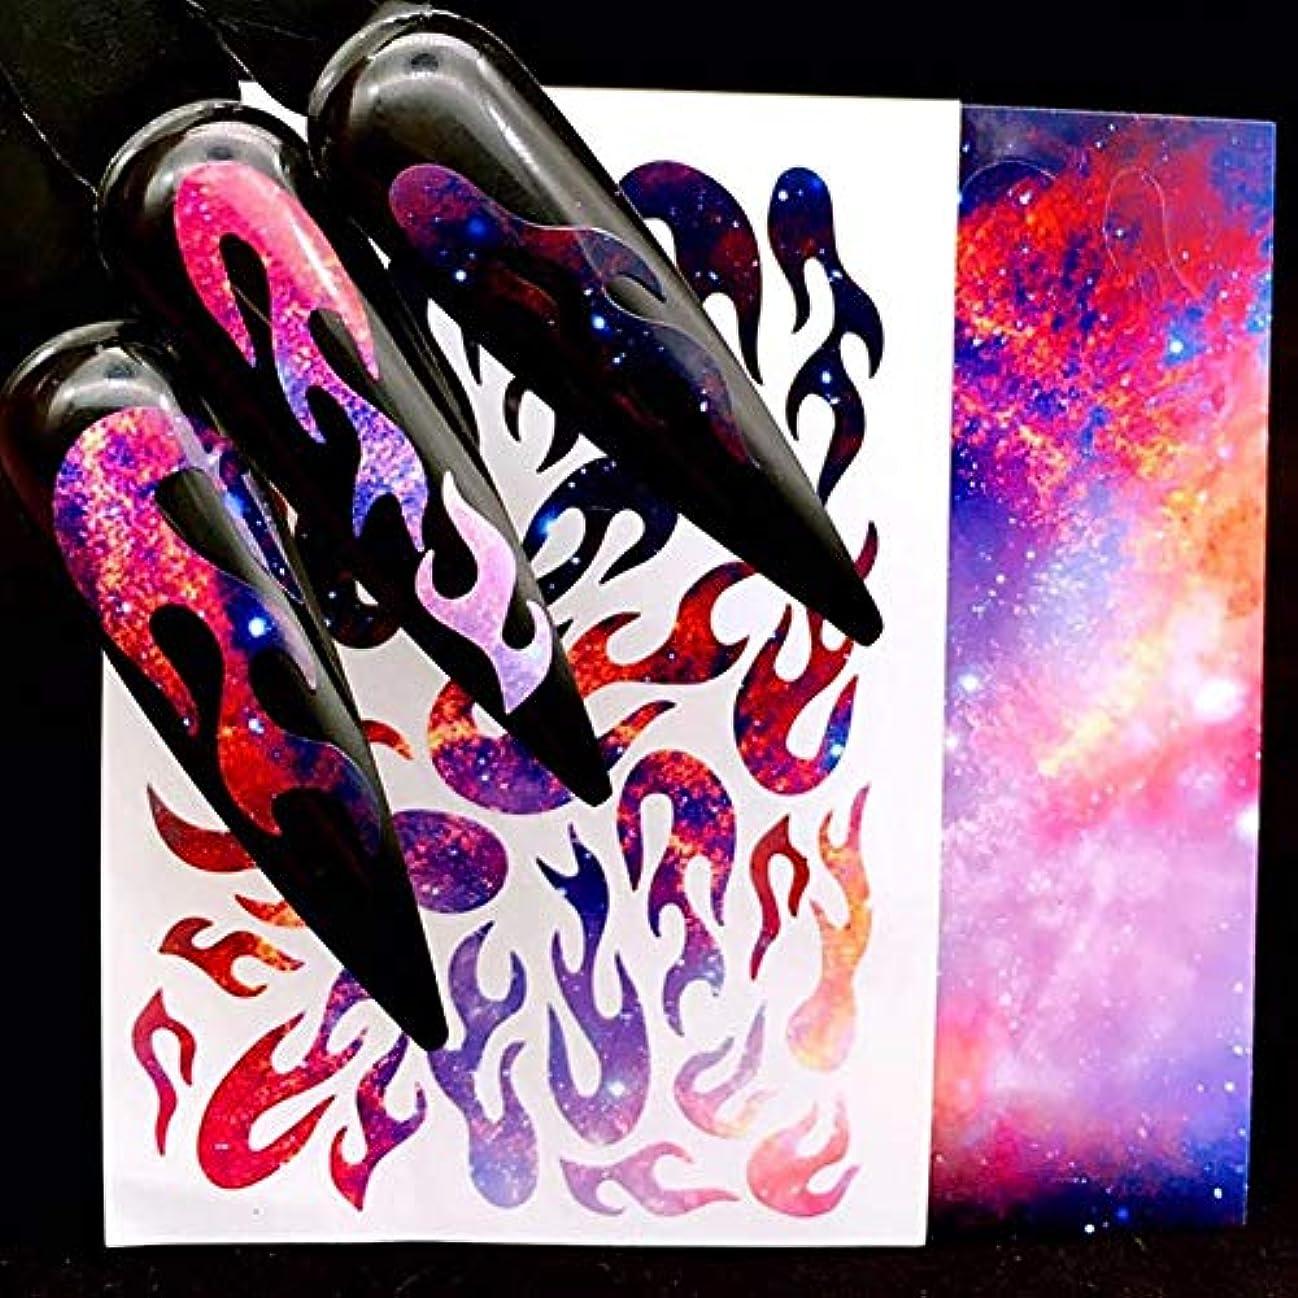 異議コスチューム天皇Murakush ネイルステッカー レーザー接着 ステッカー 炎パターン オーロラ マニキュア装飾 ネイルアート デカールツール 3#